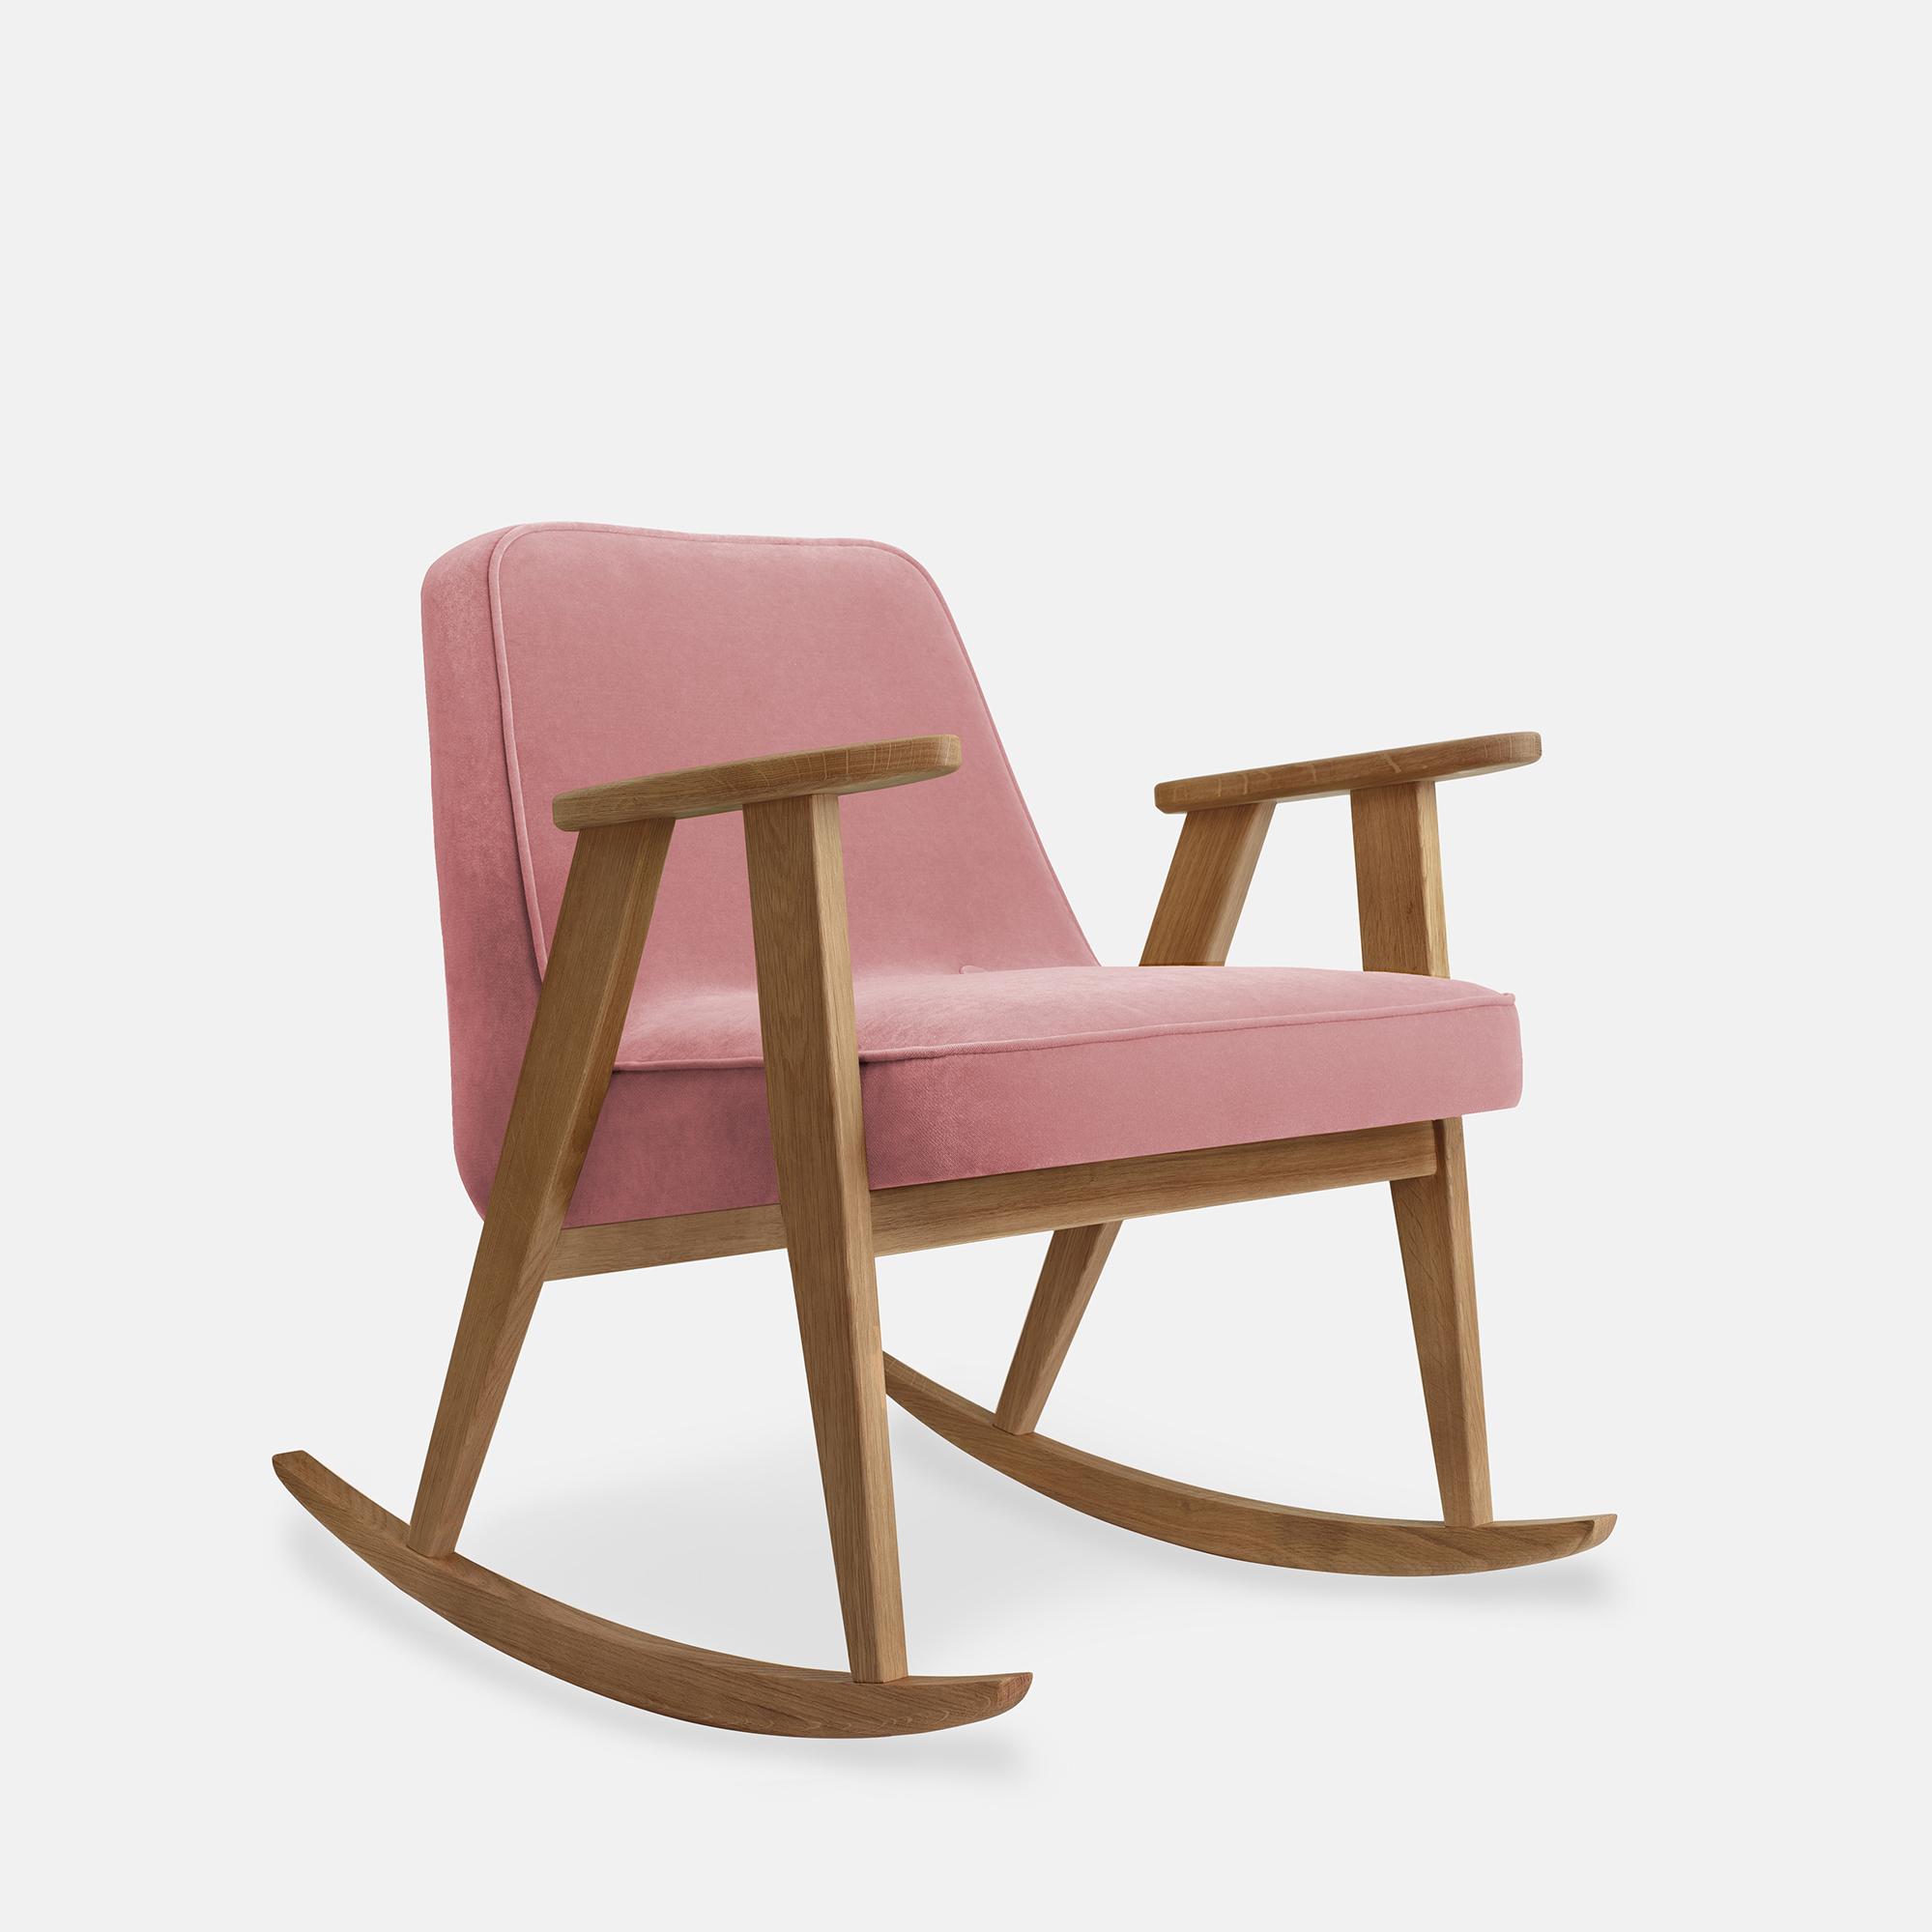 366-Concept-366-Rocking-Chair-W02-Velvet-Powder-Pink